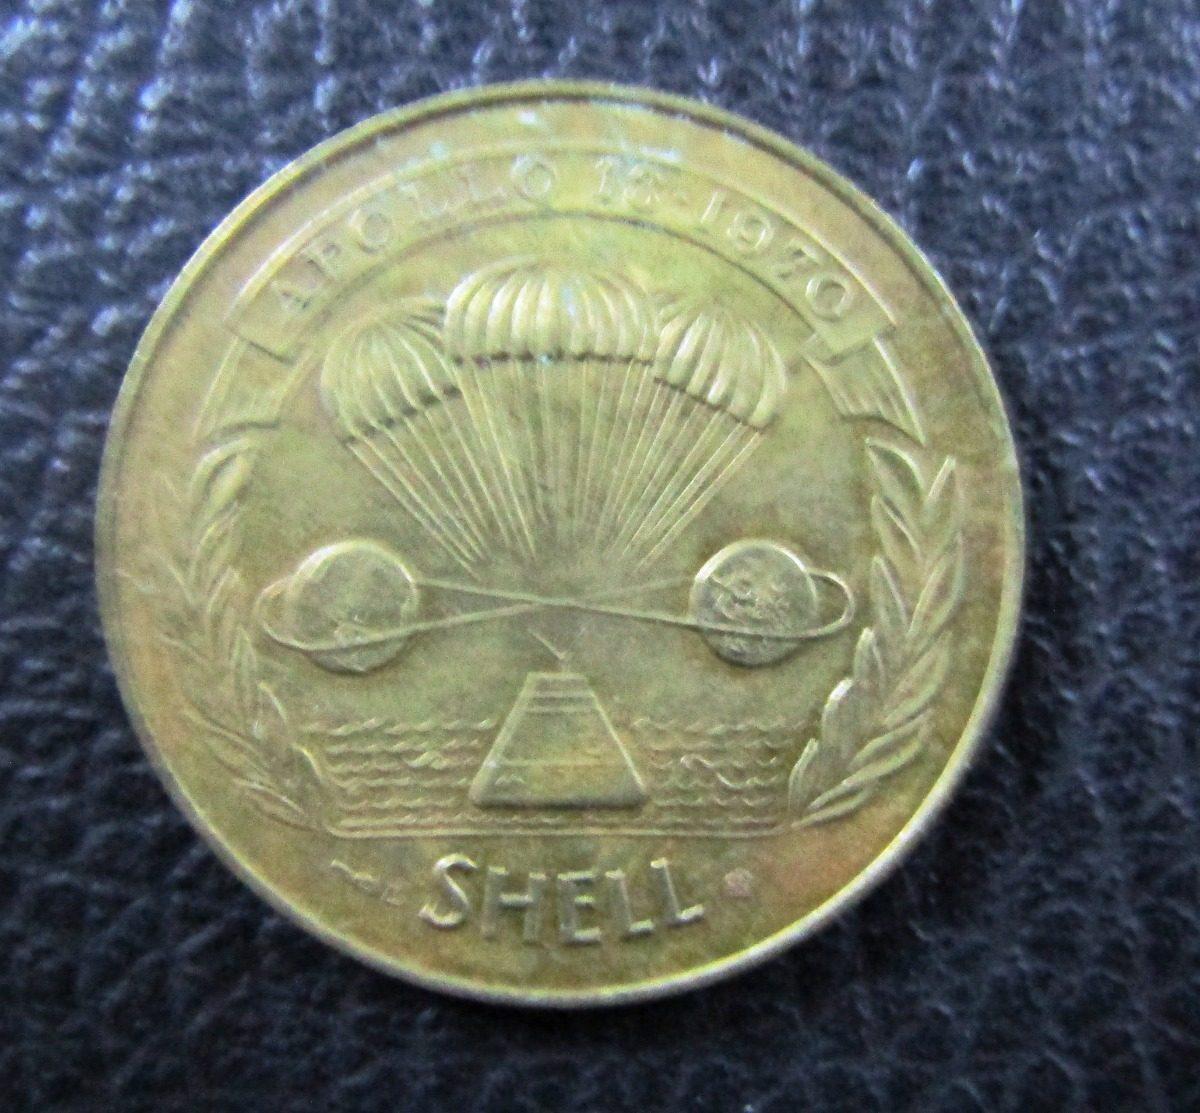 Usa Medalla Espacial Apollo 13 1970 Nasa - Shell - $ 500,00